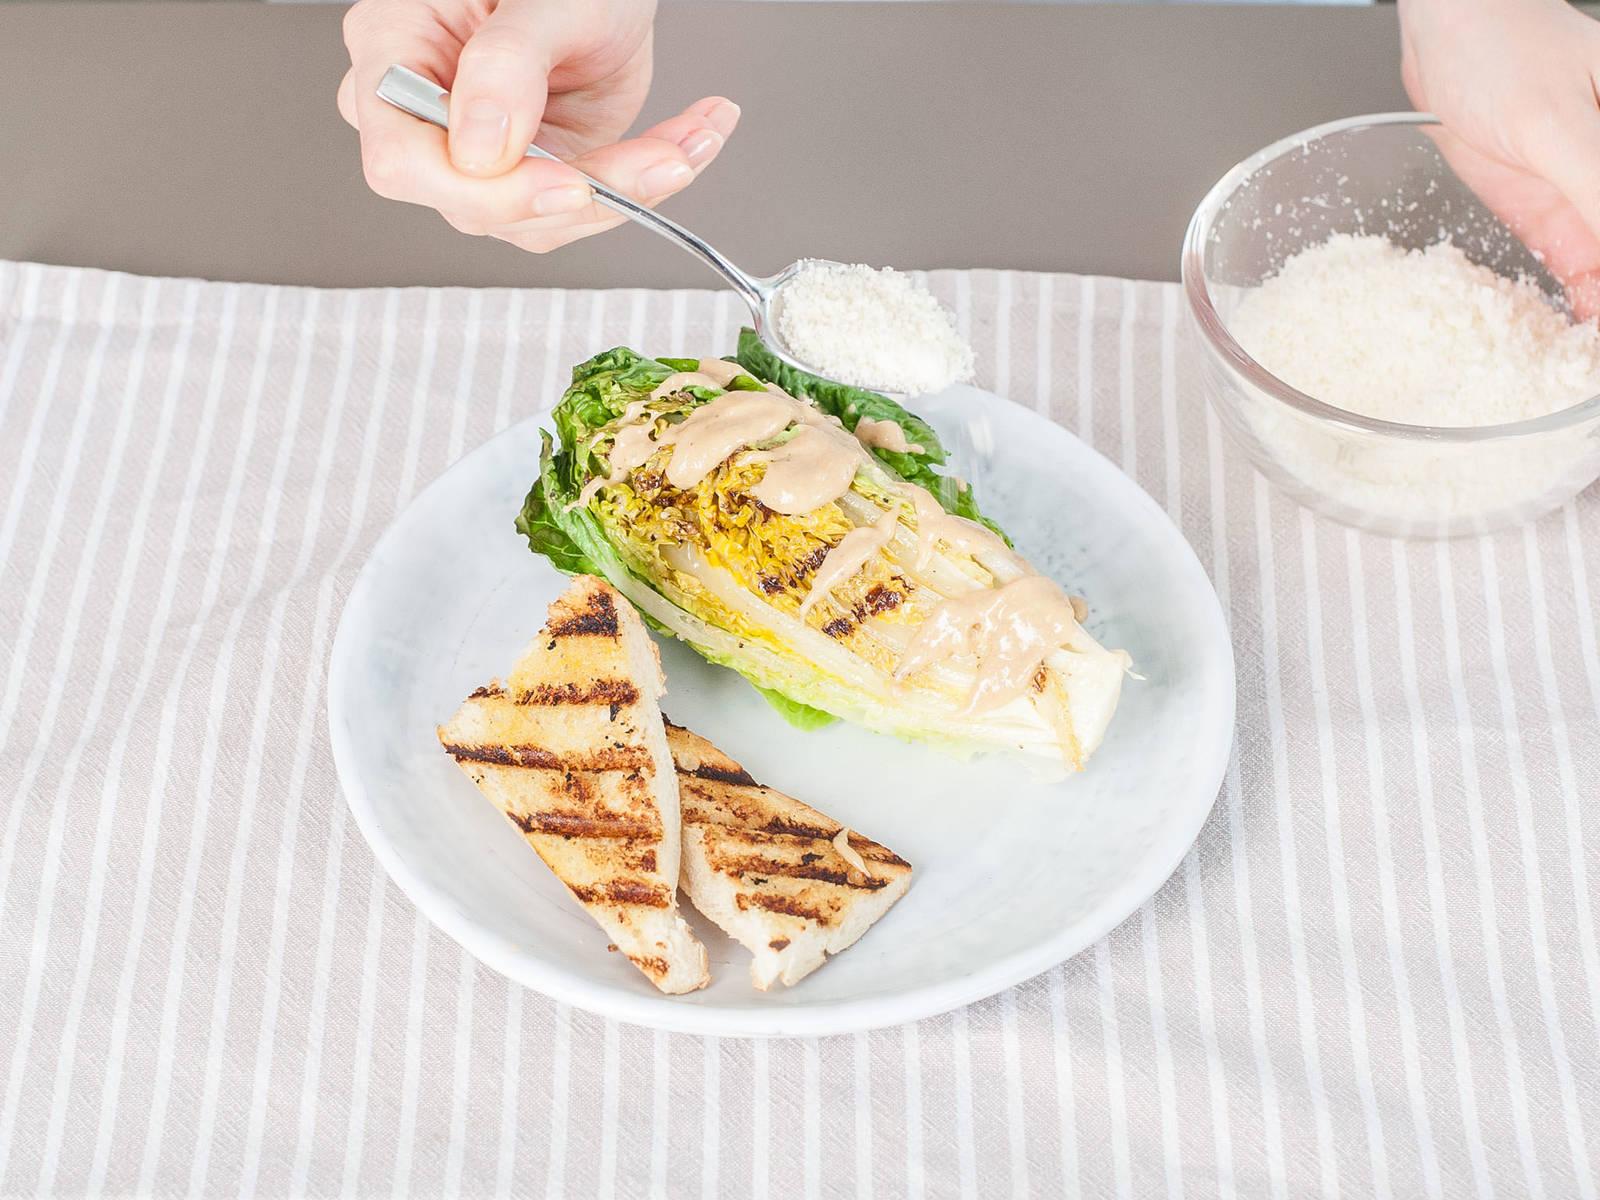 将整块菜心和面包装盘,粗略切开也可。 淋上或拌入酱汁,撒上剩下的帕玛森干酪。